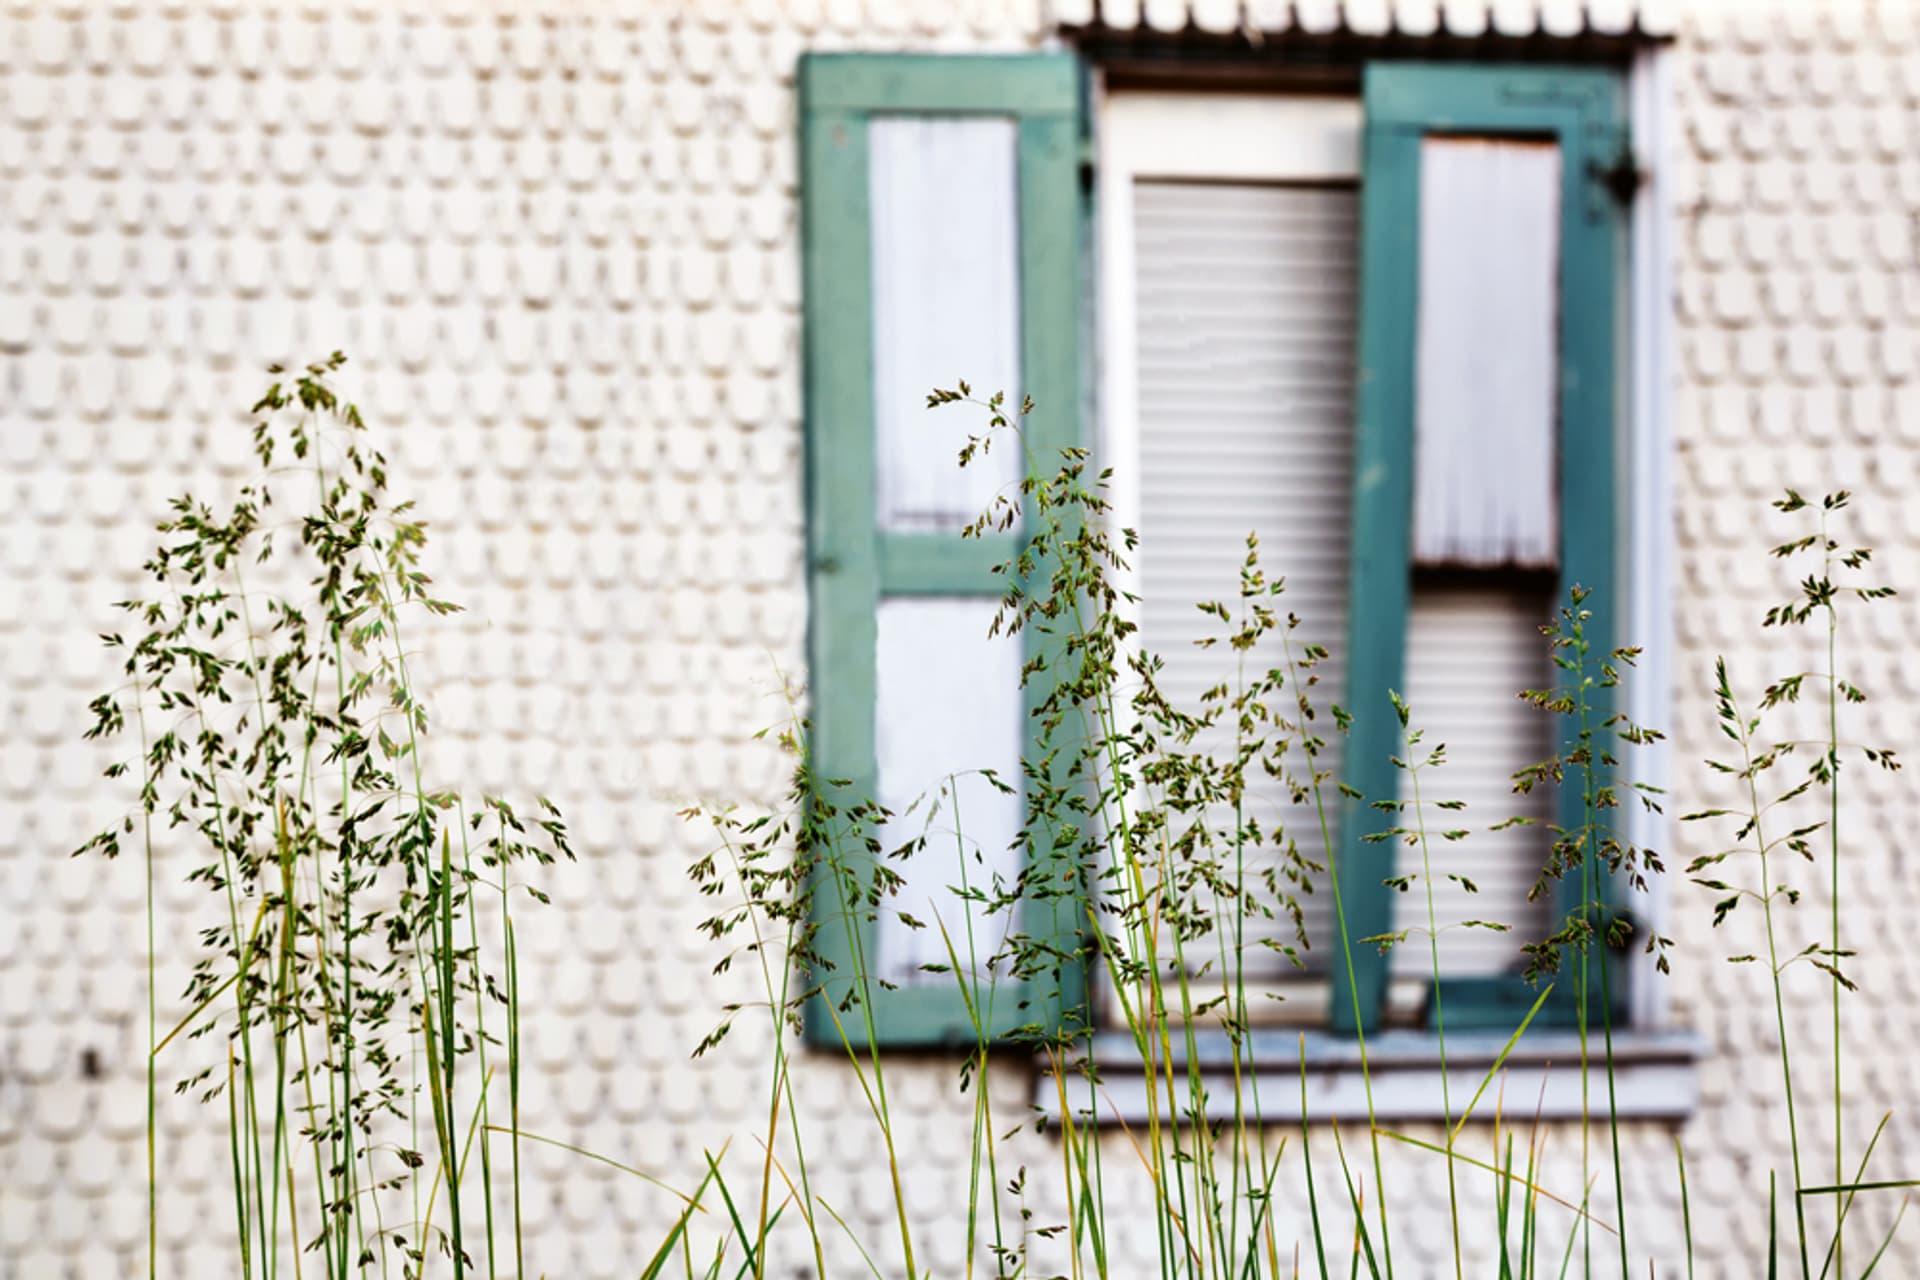 Fenster in einer Wand